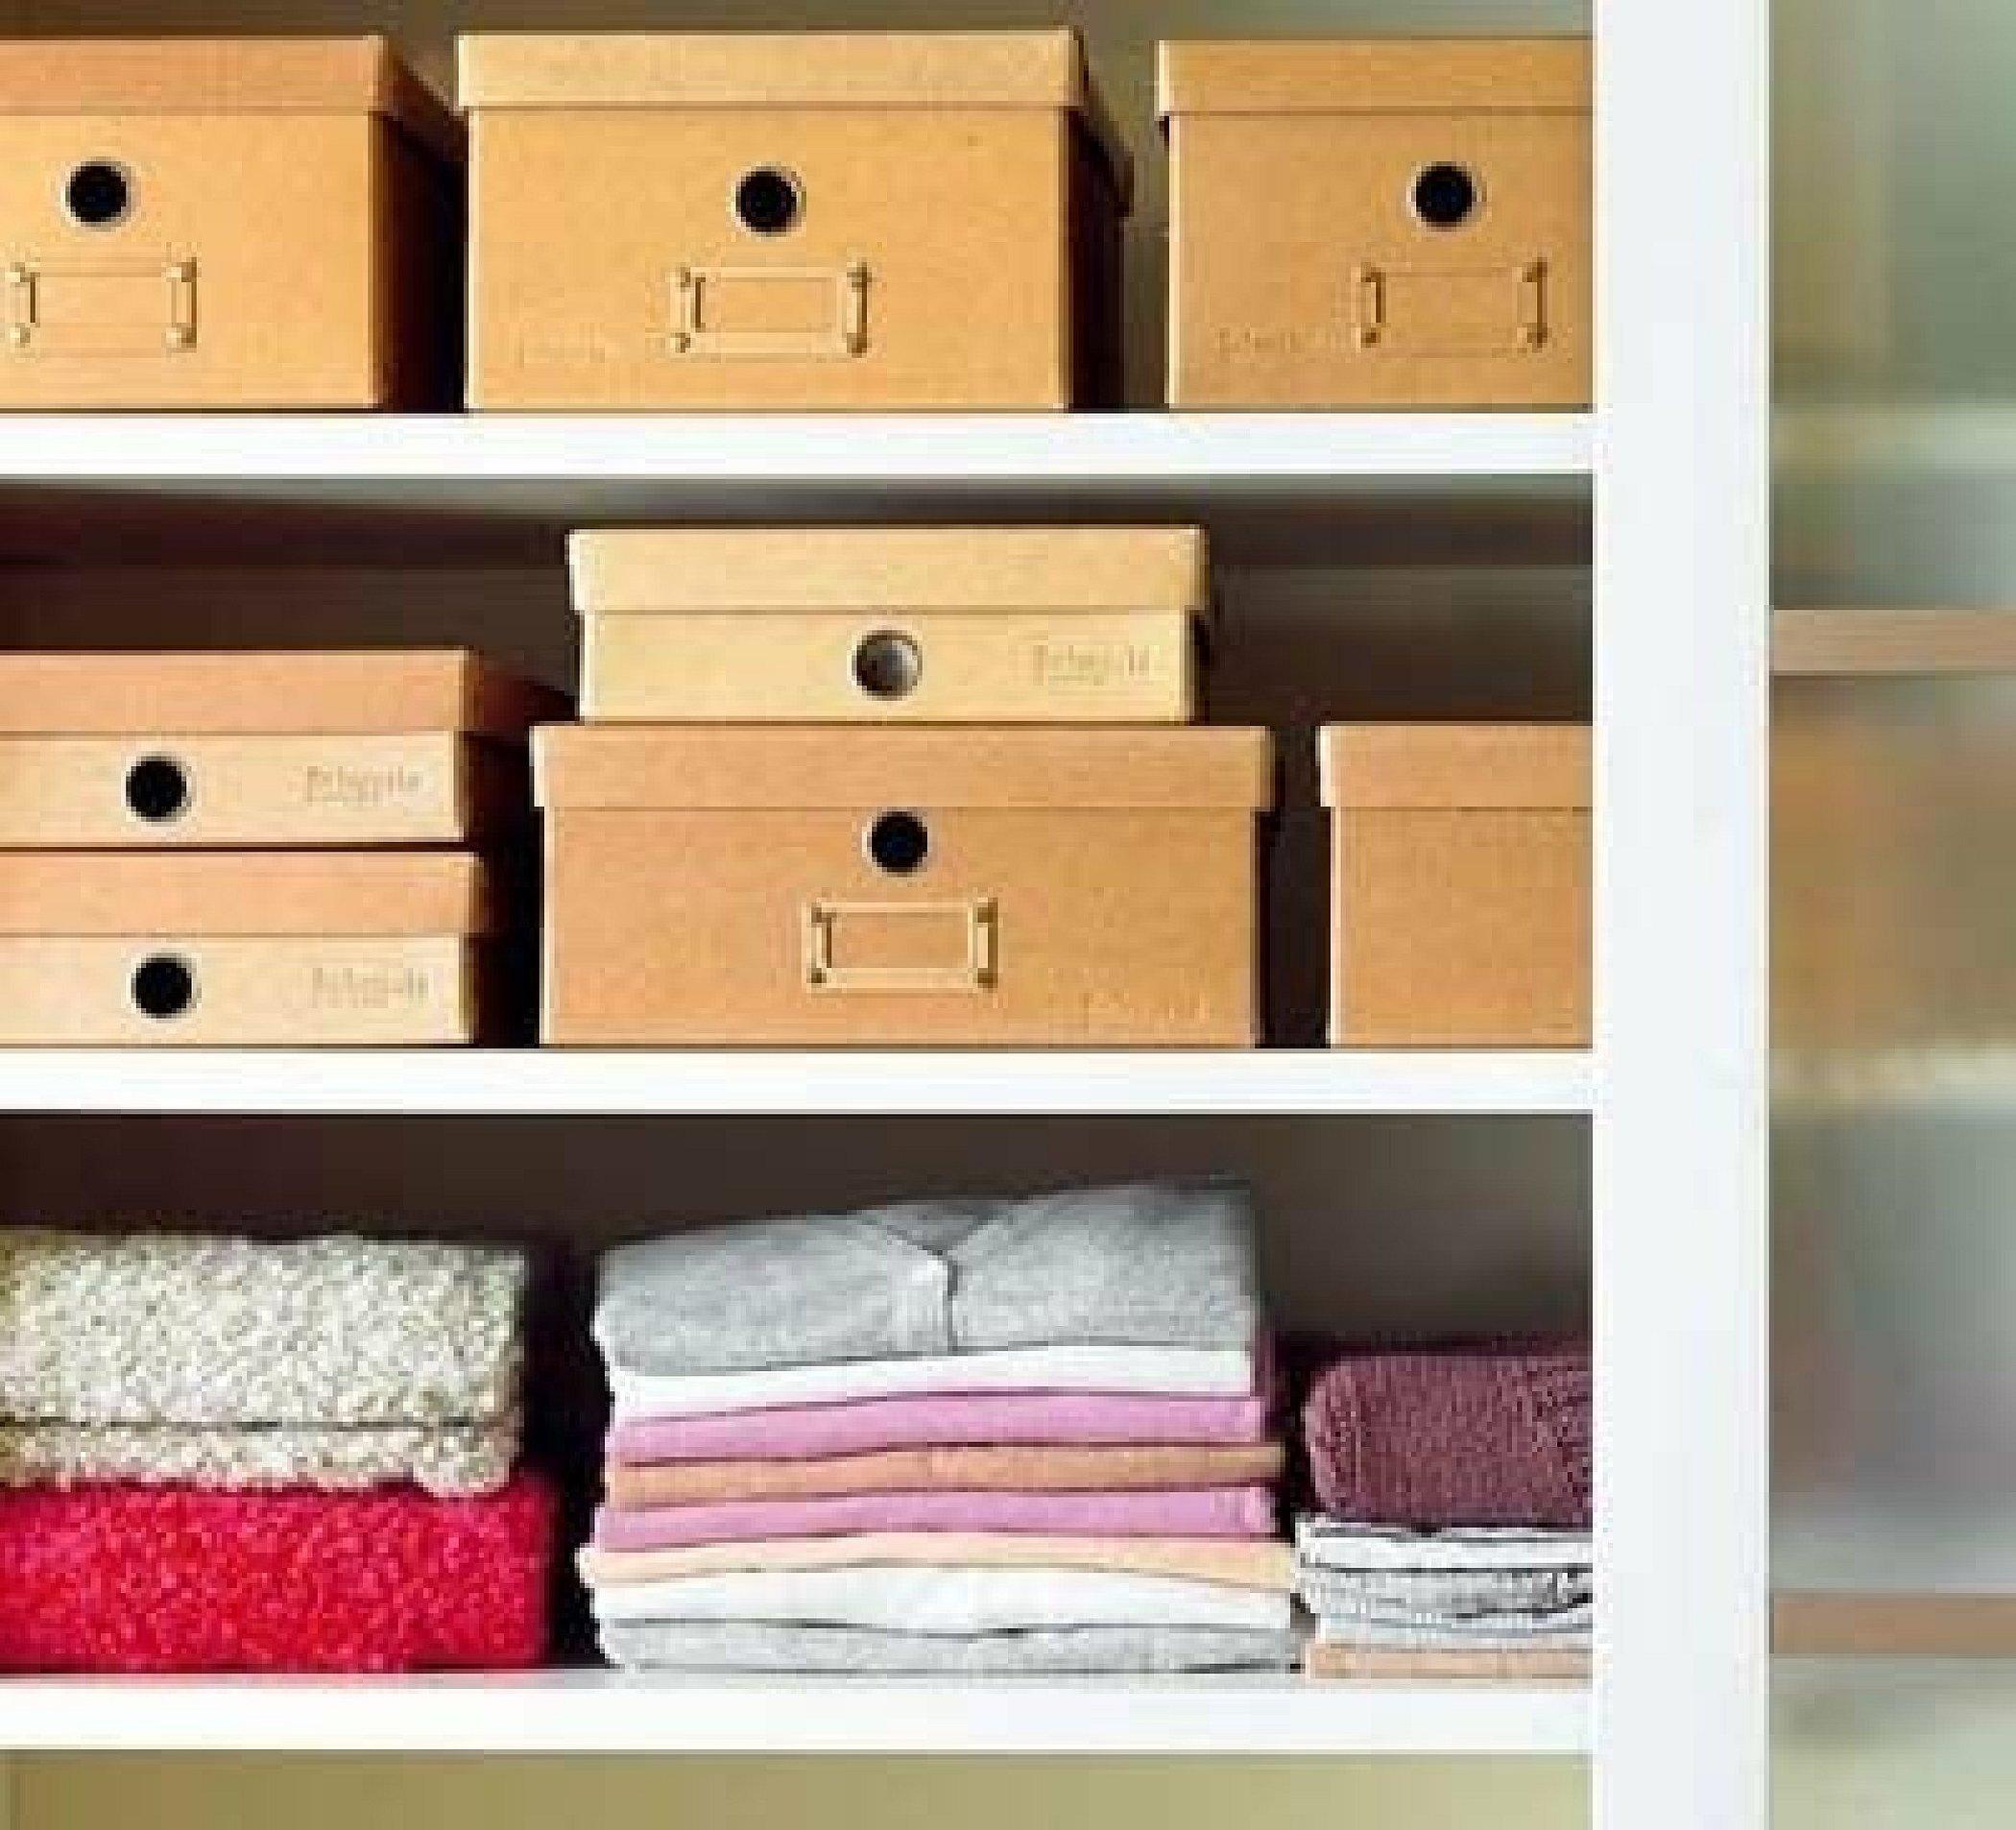 Коробки для хранения вещей в шкафу